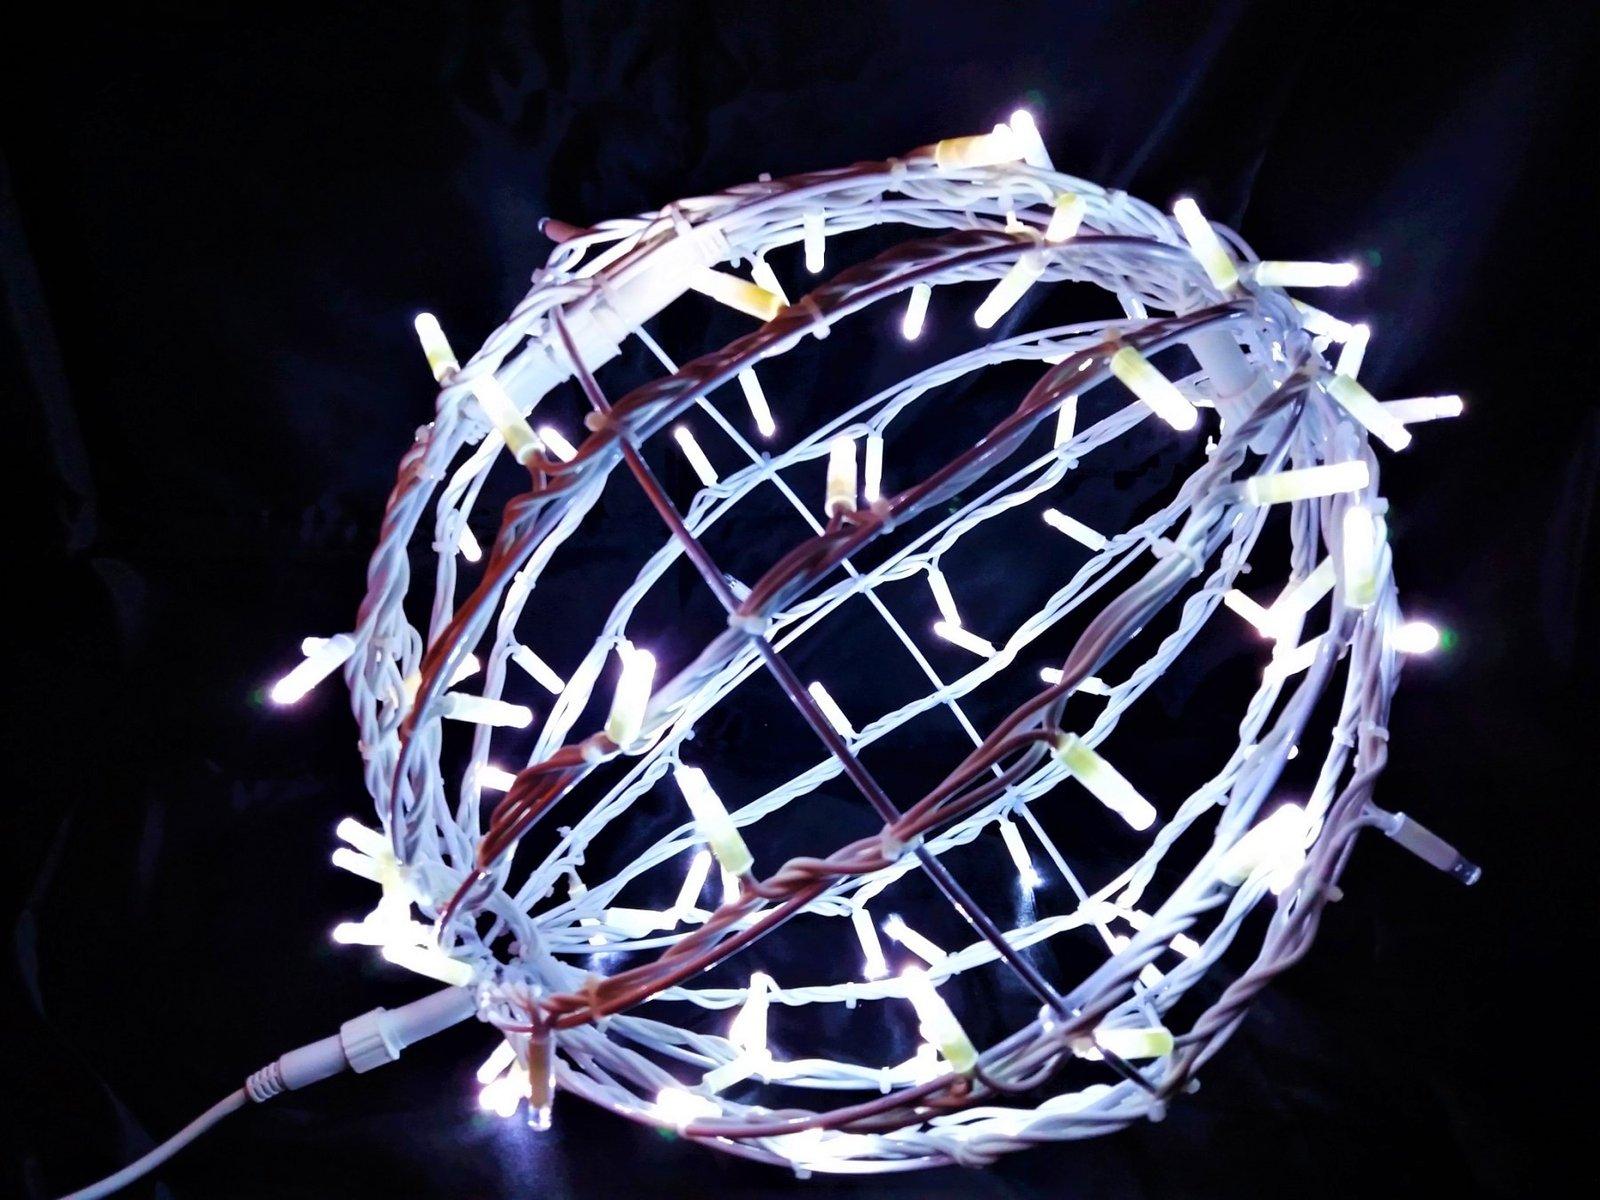 красивые уличные гирлянды в Мелитополе, купить уличные гирлянды Мелитополь, новогодние уличные гирлянды где купить Мелитополь, гирлянды на улицу для украшения нового года